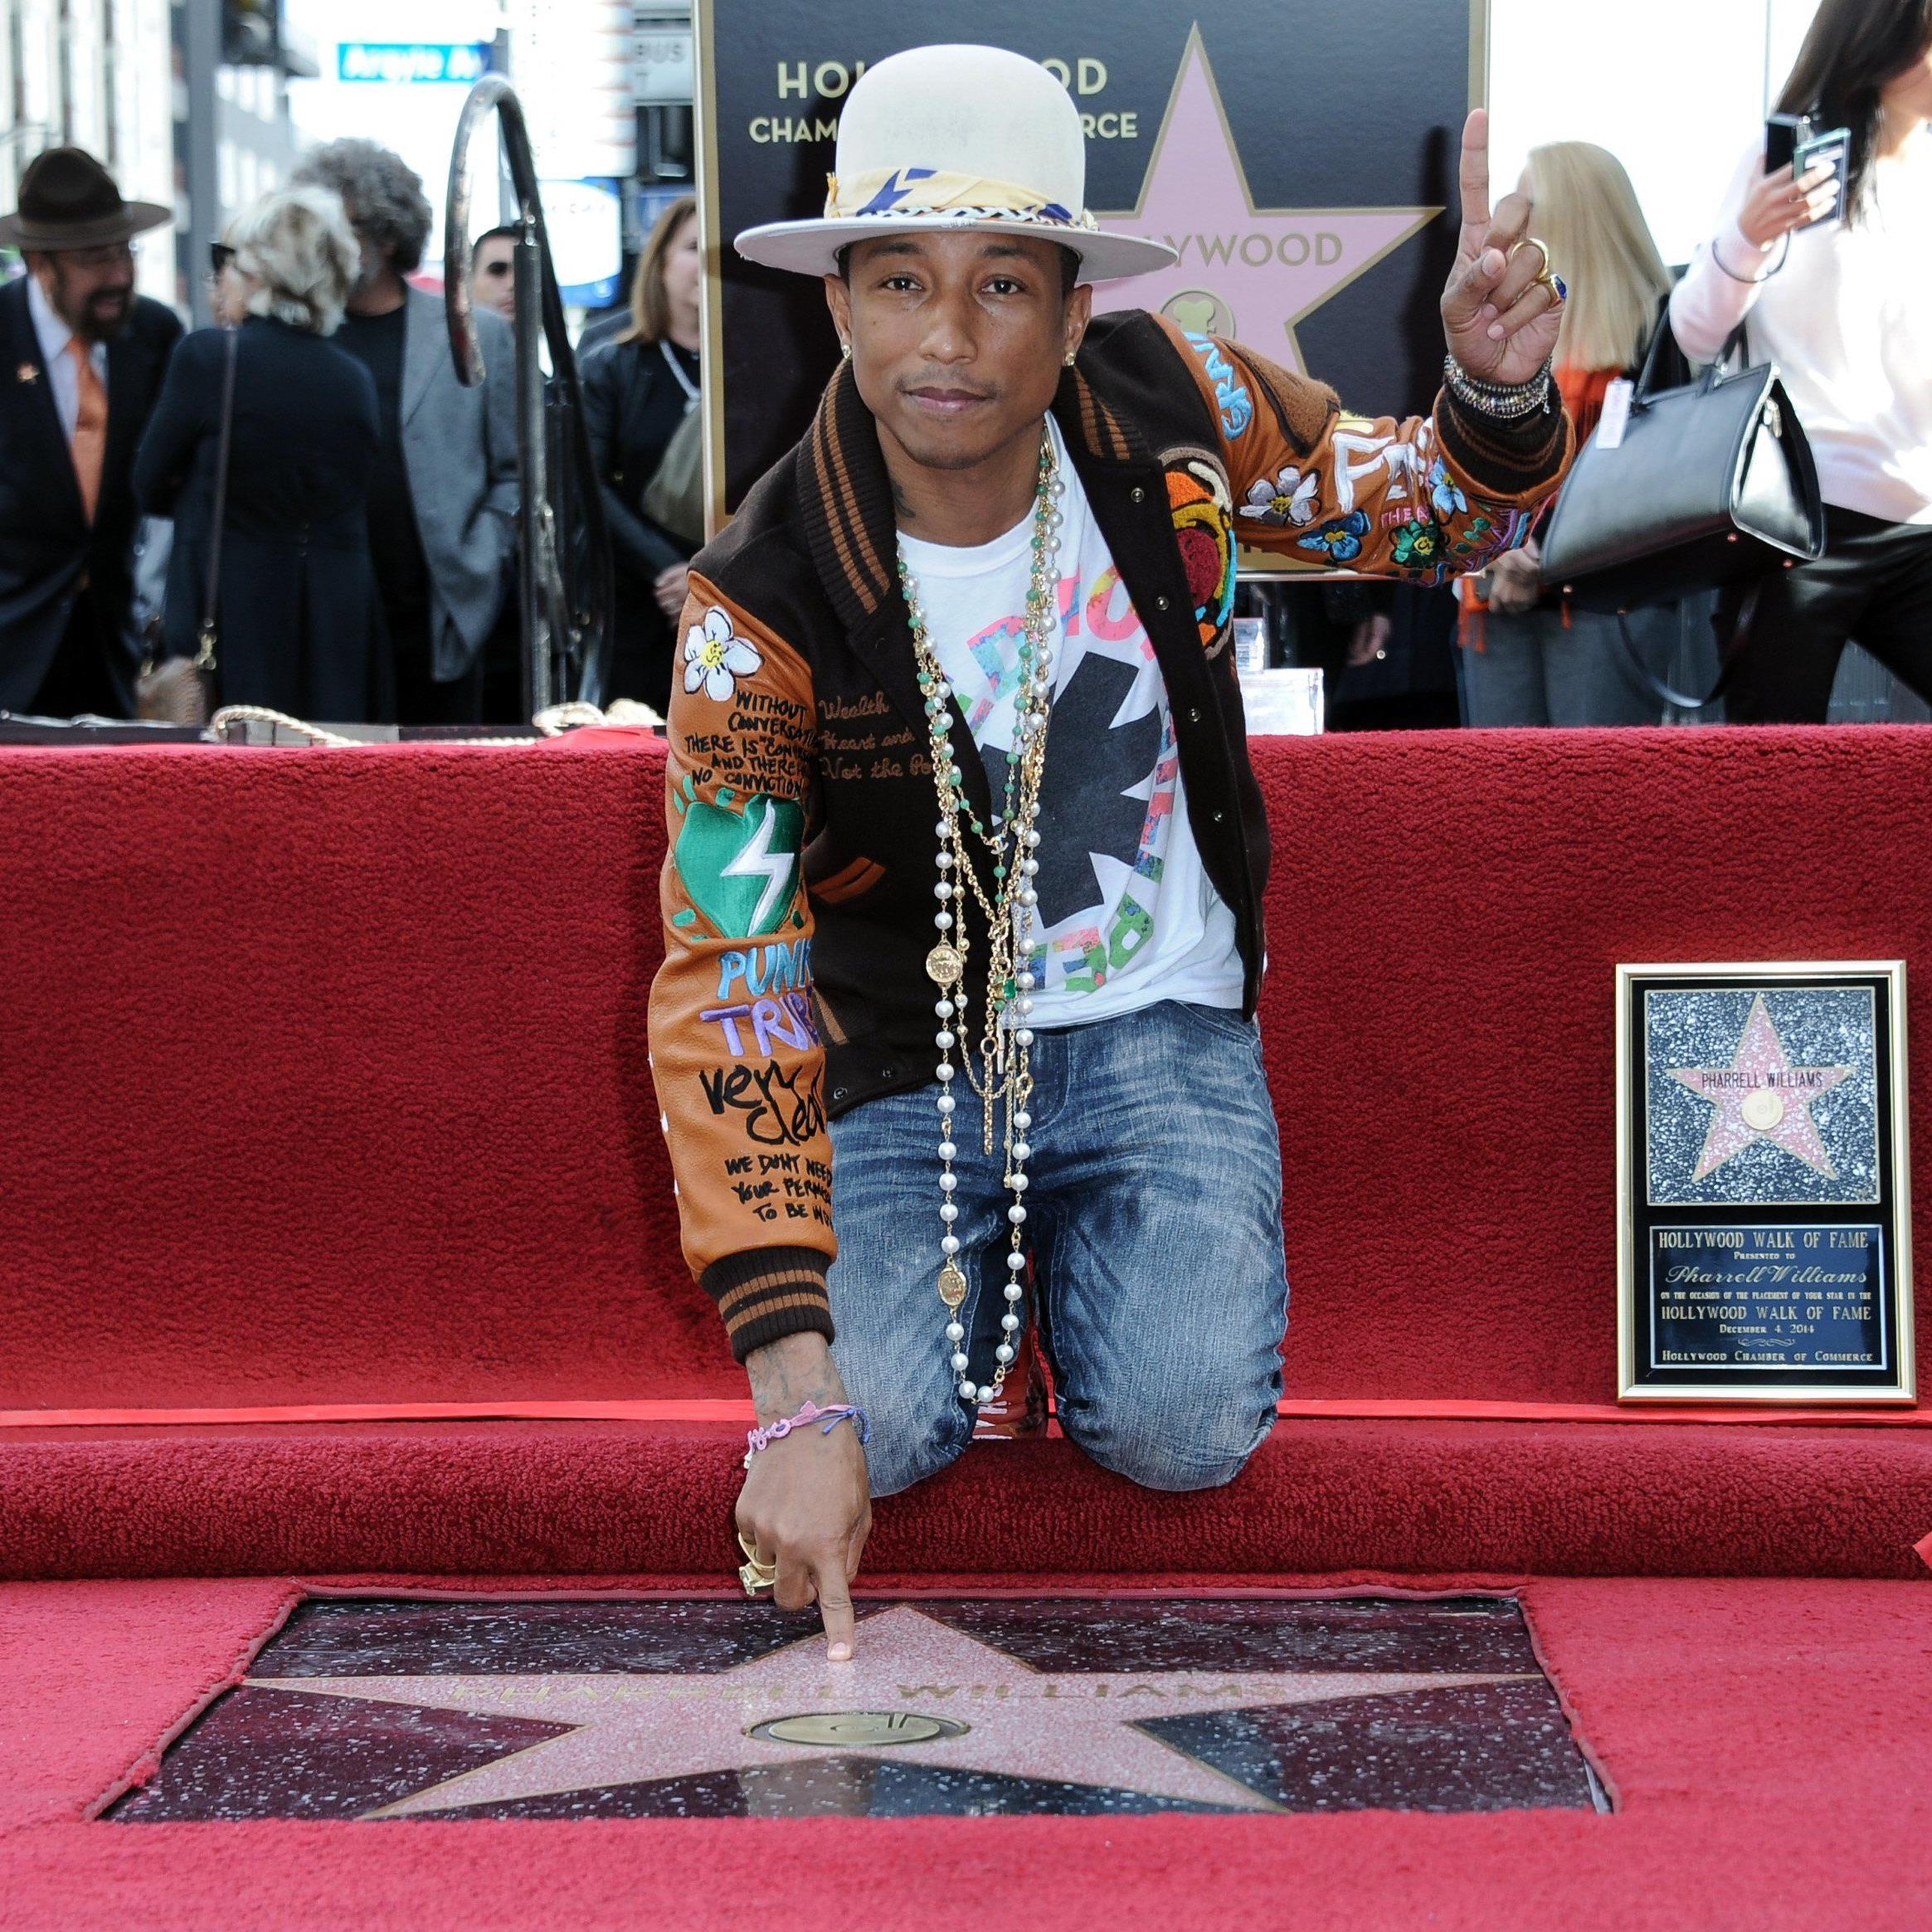 Popstar und Songwriter Pharrell Williams wurde mit einem Stern auf dem Walk of Fame geehrt.